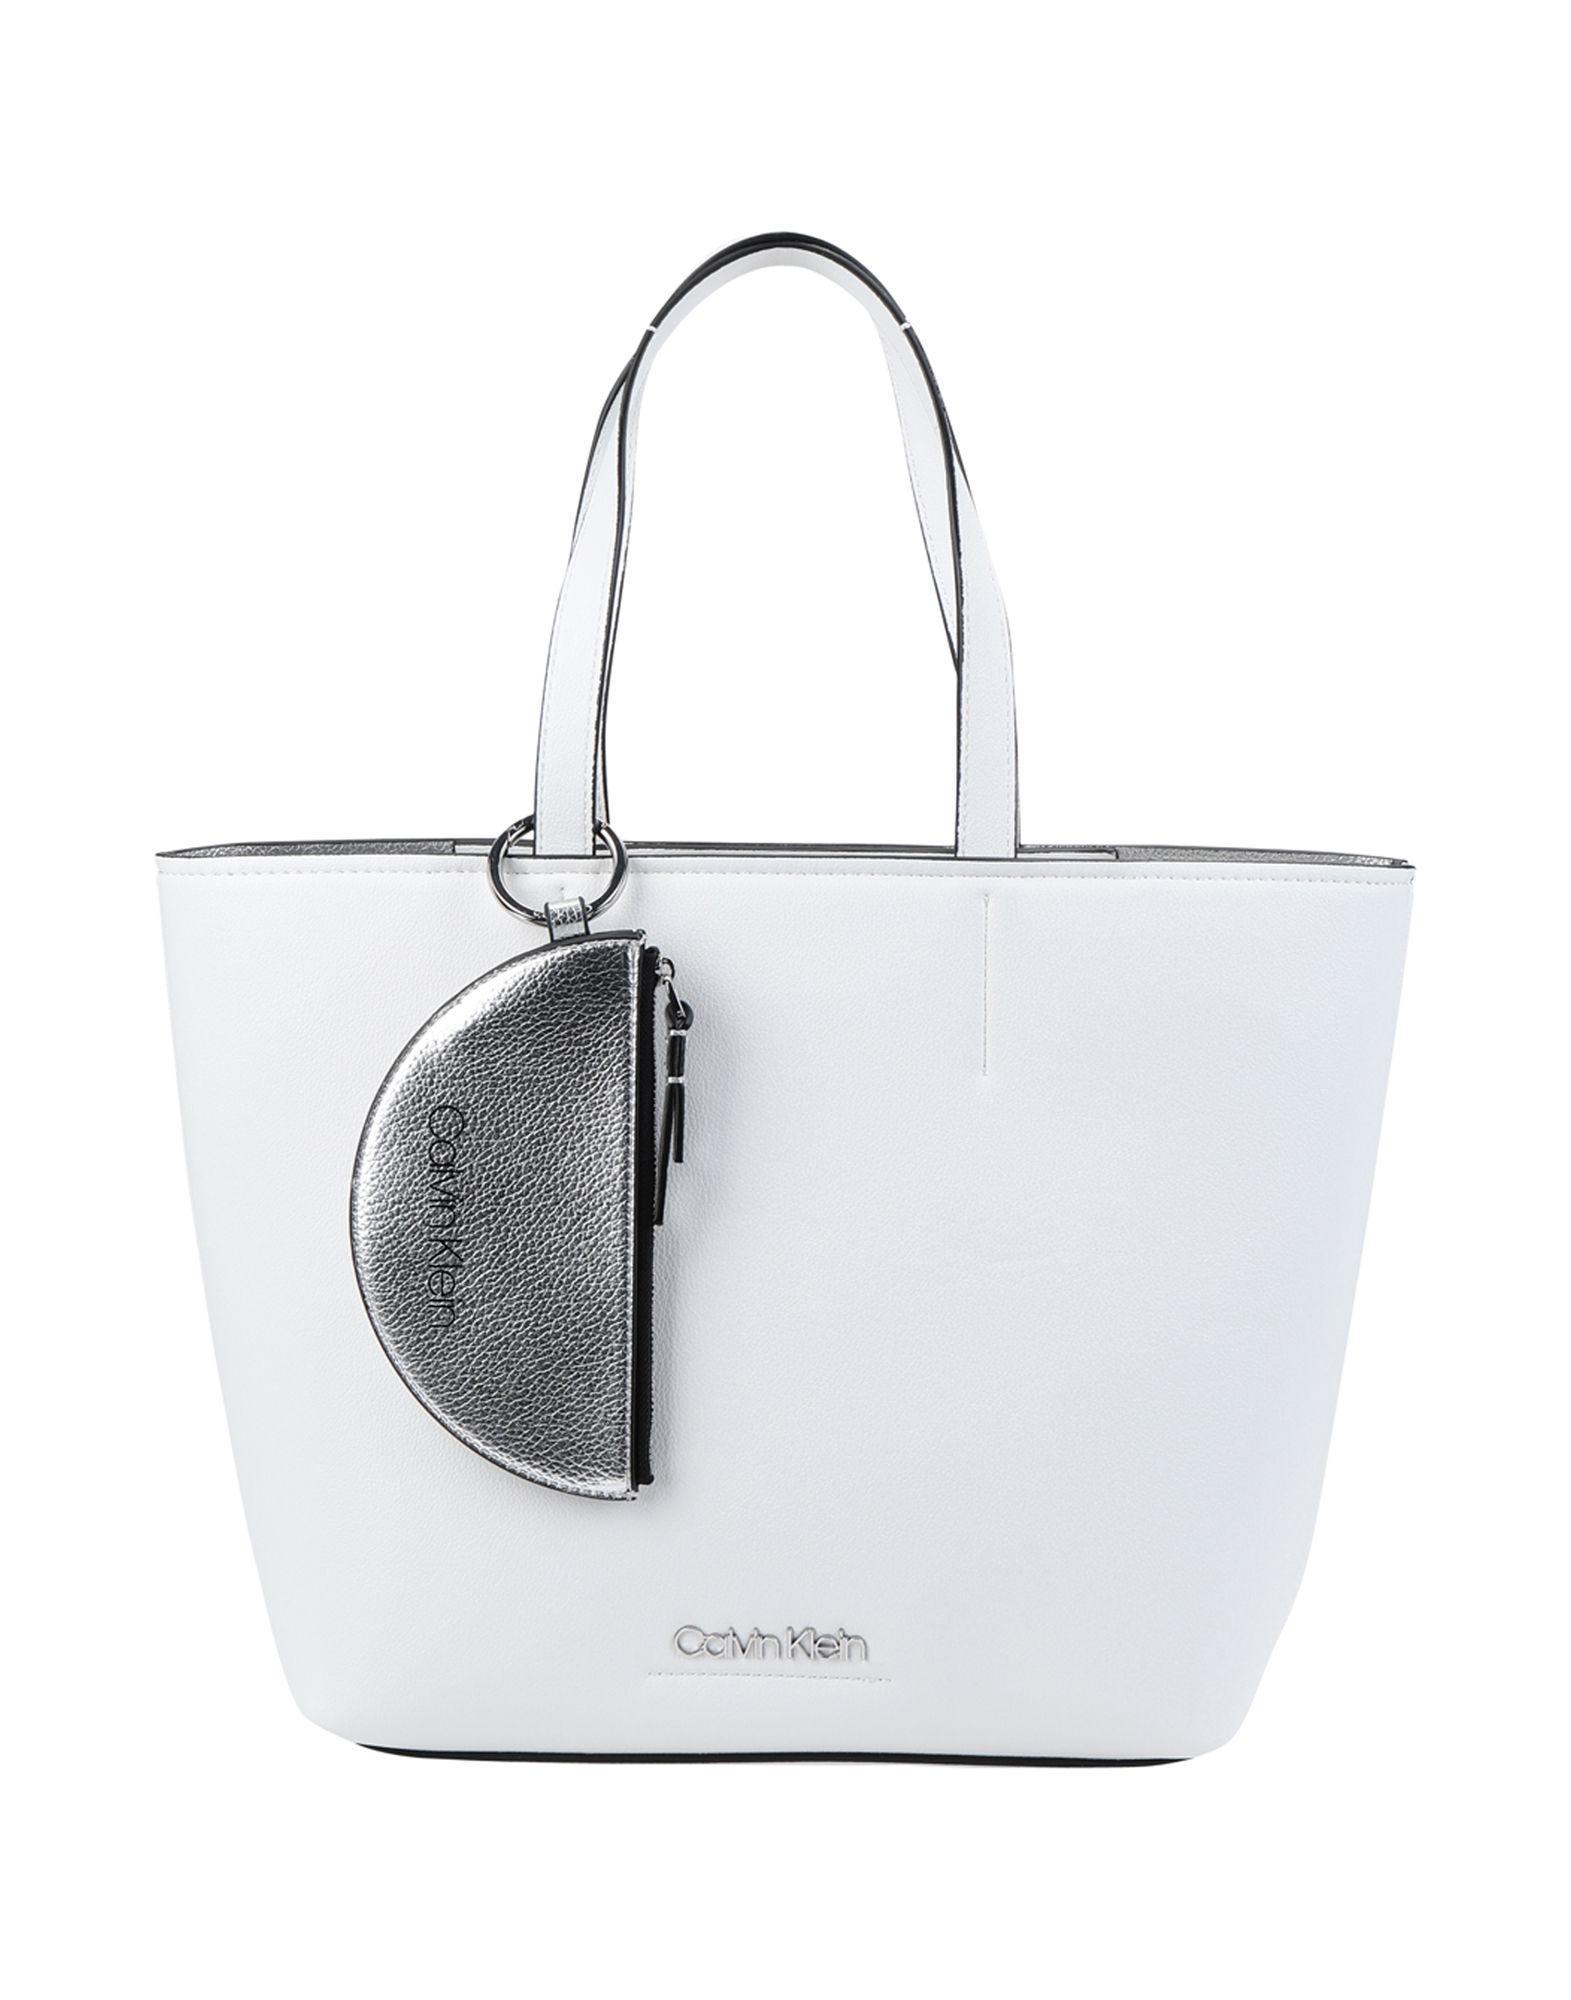 ac1e36e82f56 Женские сумки Calvin Klein купить в интернет магазине - официальный ...